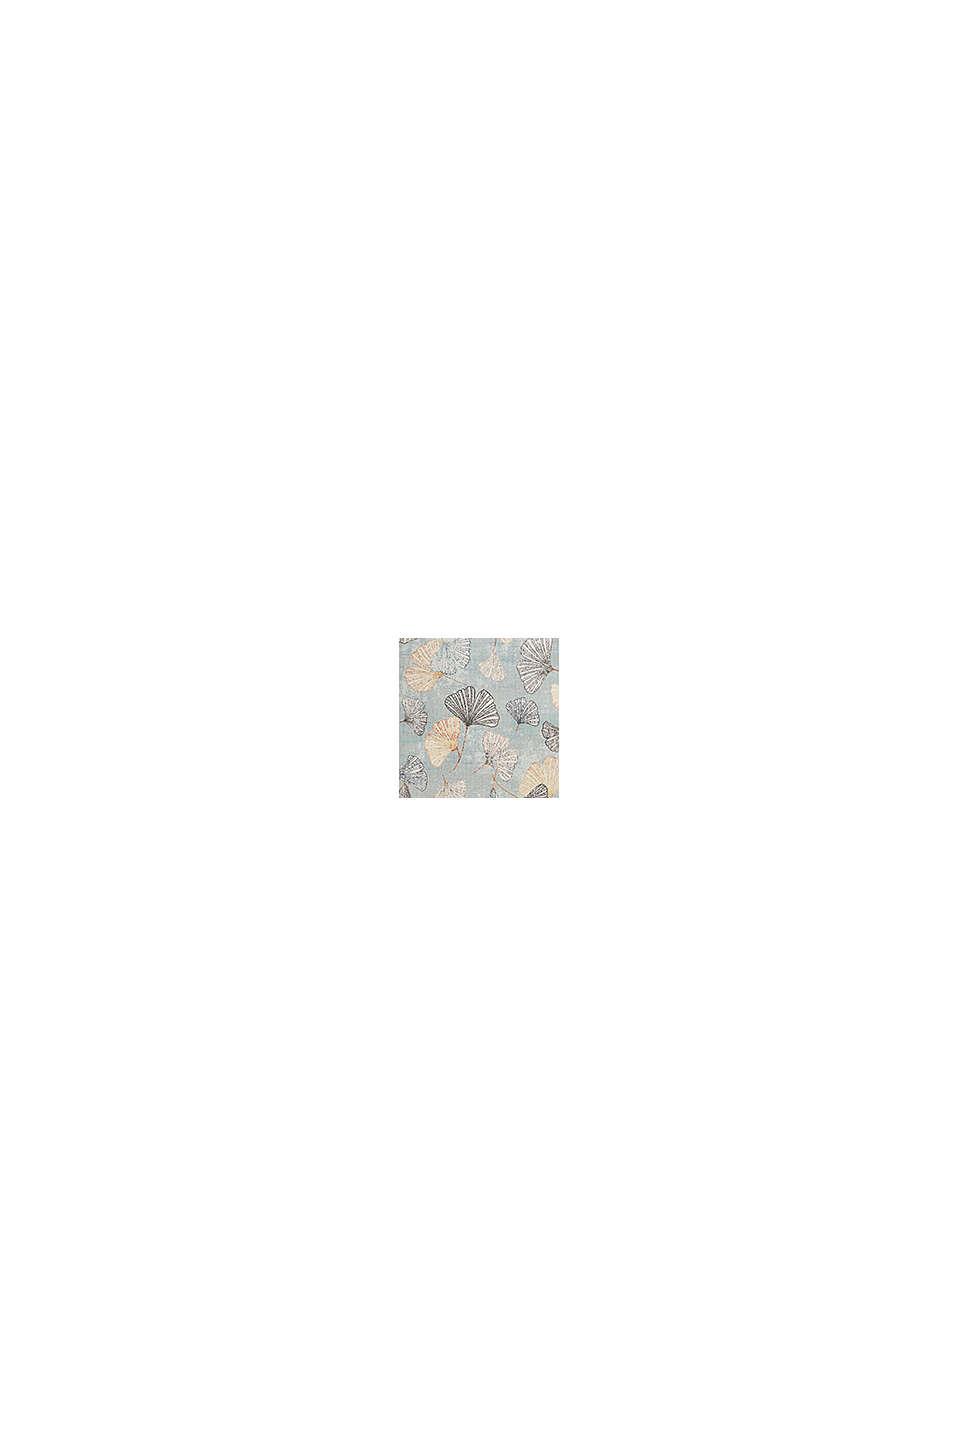 Kurzflor-Teppich mit Ginko-Blättern, LIGHT BLUE, swatch